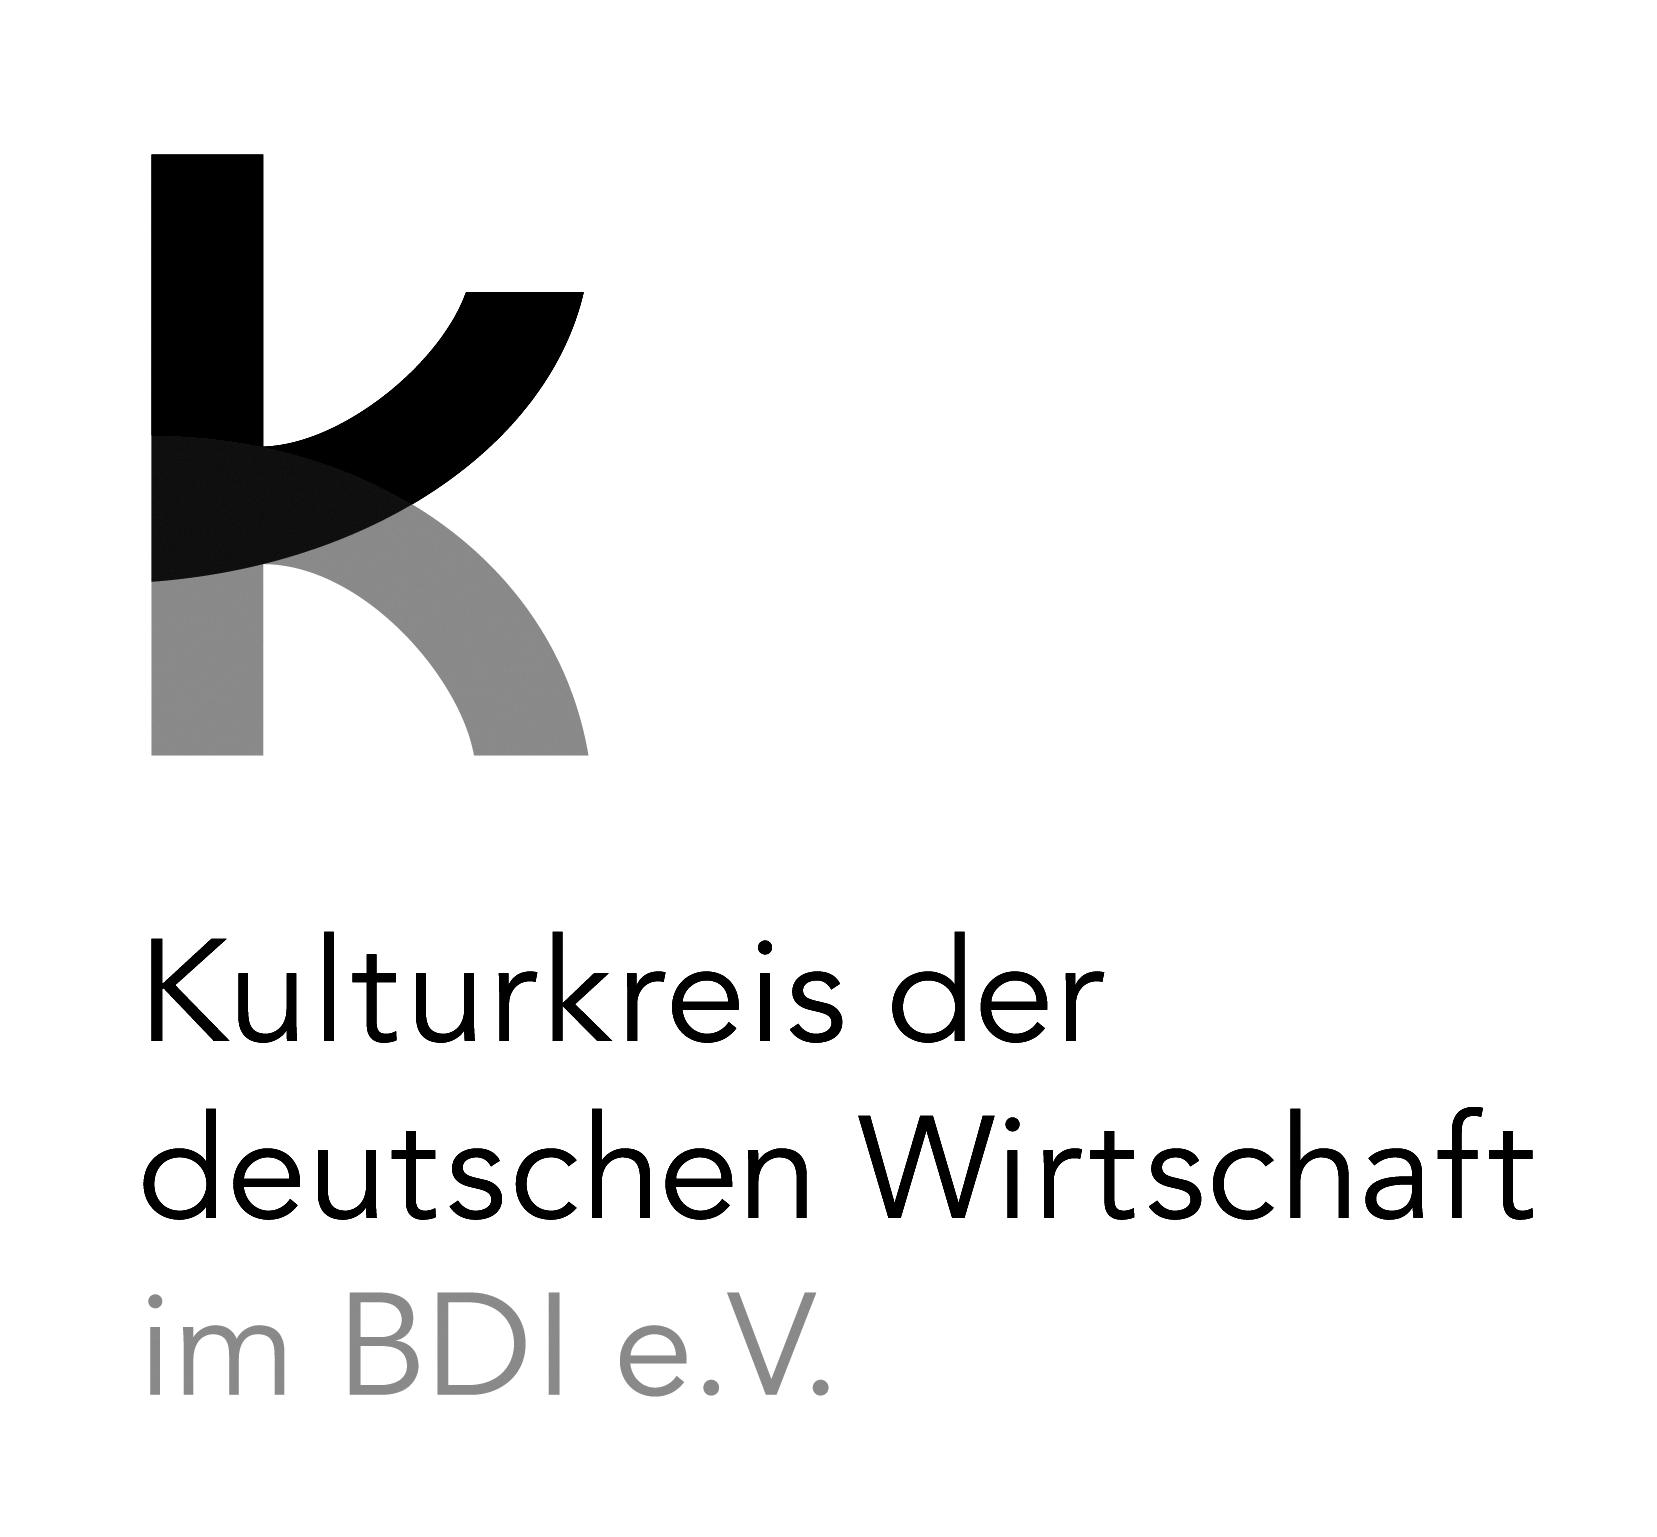 logo_vert_bdi_4c